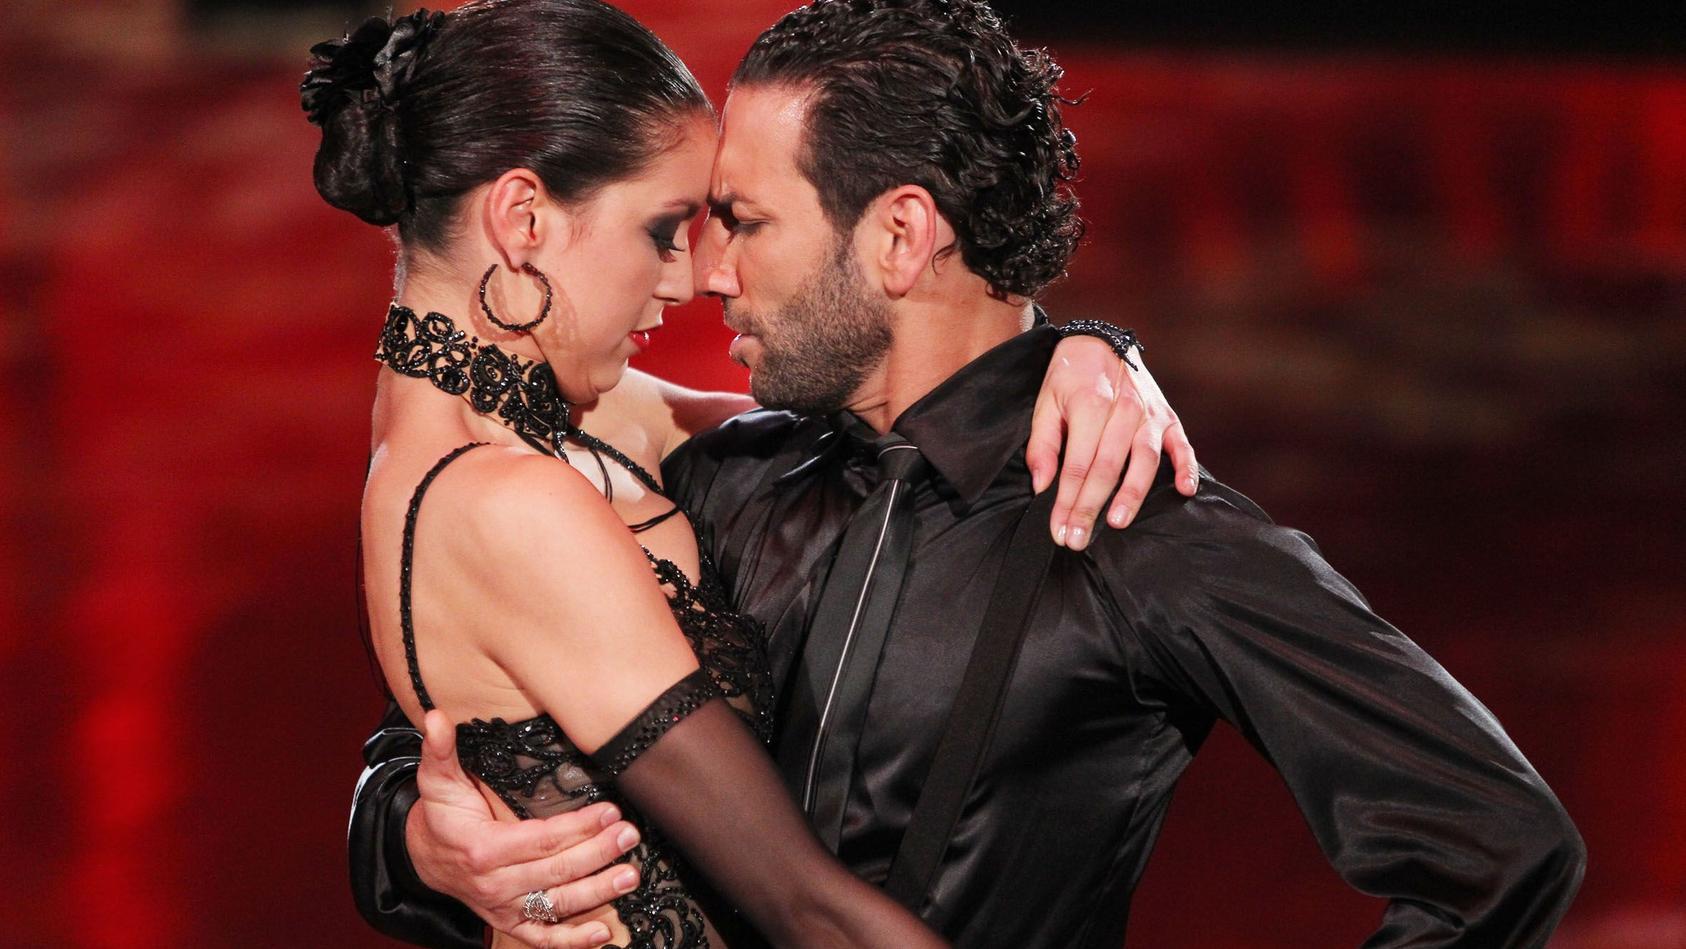 """Massimo Sinató und Rebecca Mir lernten sich bei """"Let's Dance"""" kennen. Auch ein Tanz von ihnen gehört  zu den Top 15 aller Zeiten."""